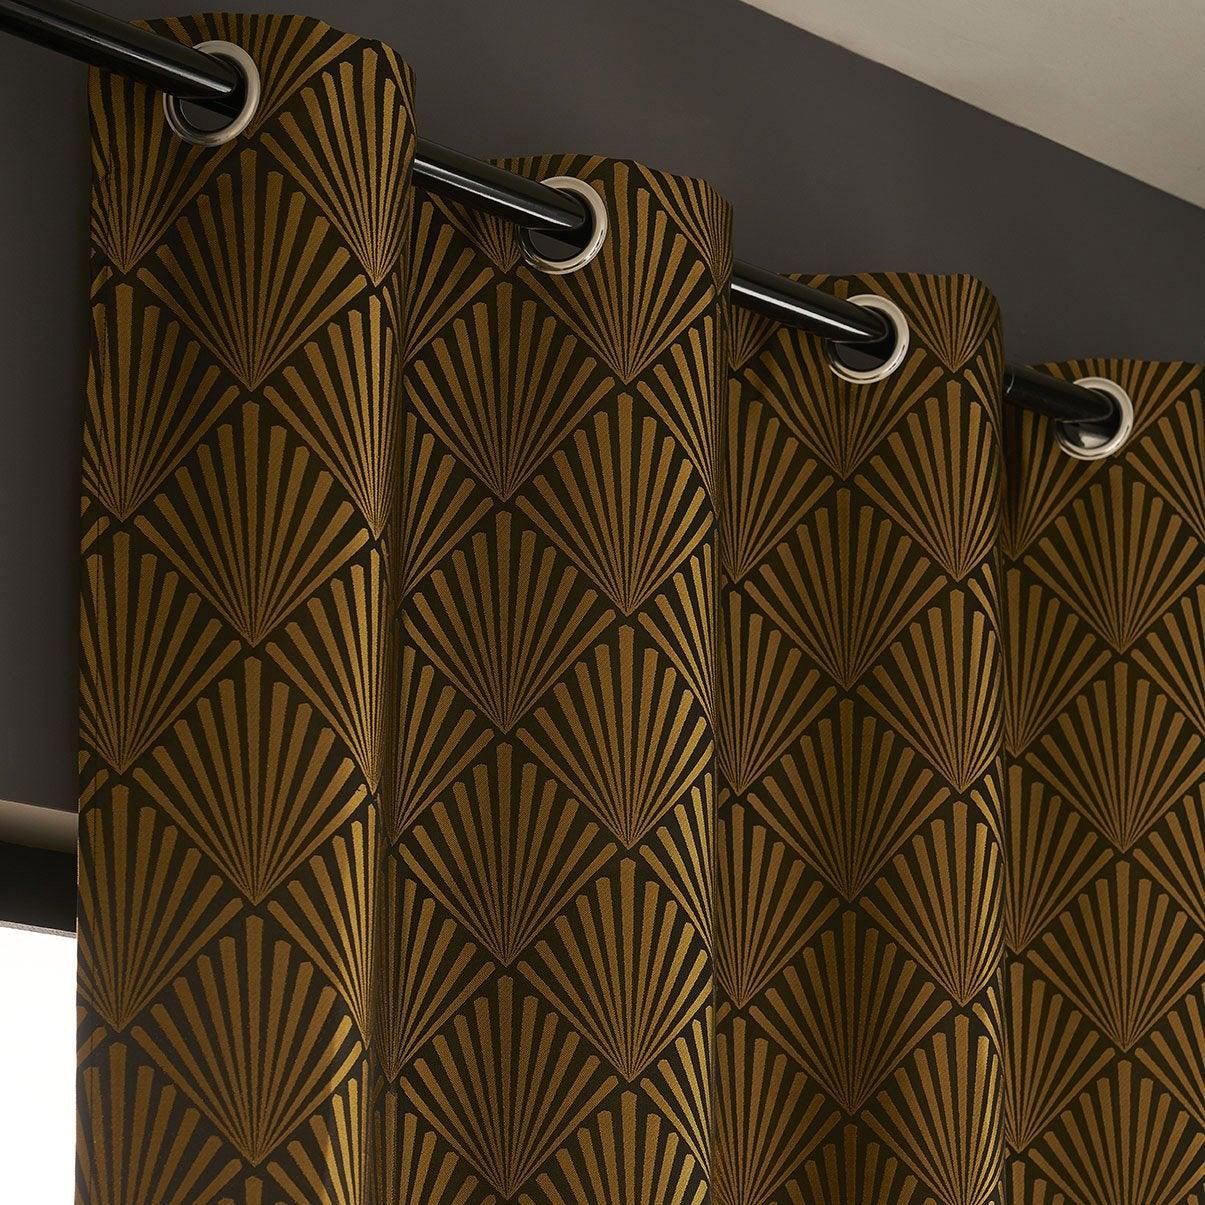 Rideau tamisant, Tilda, noir et doré, l.140 x H.260 cm